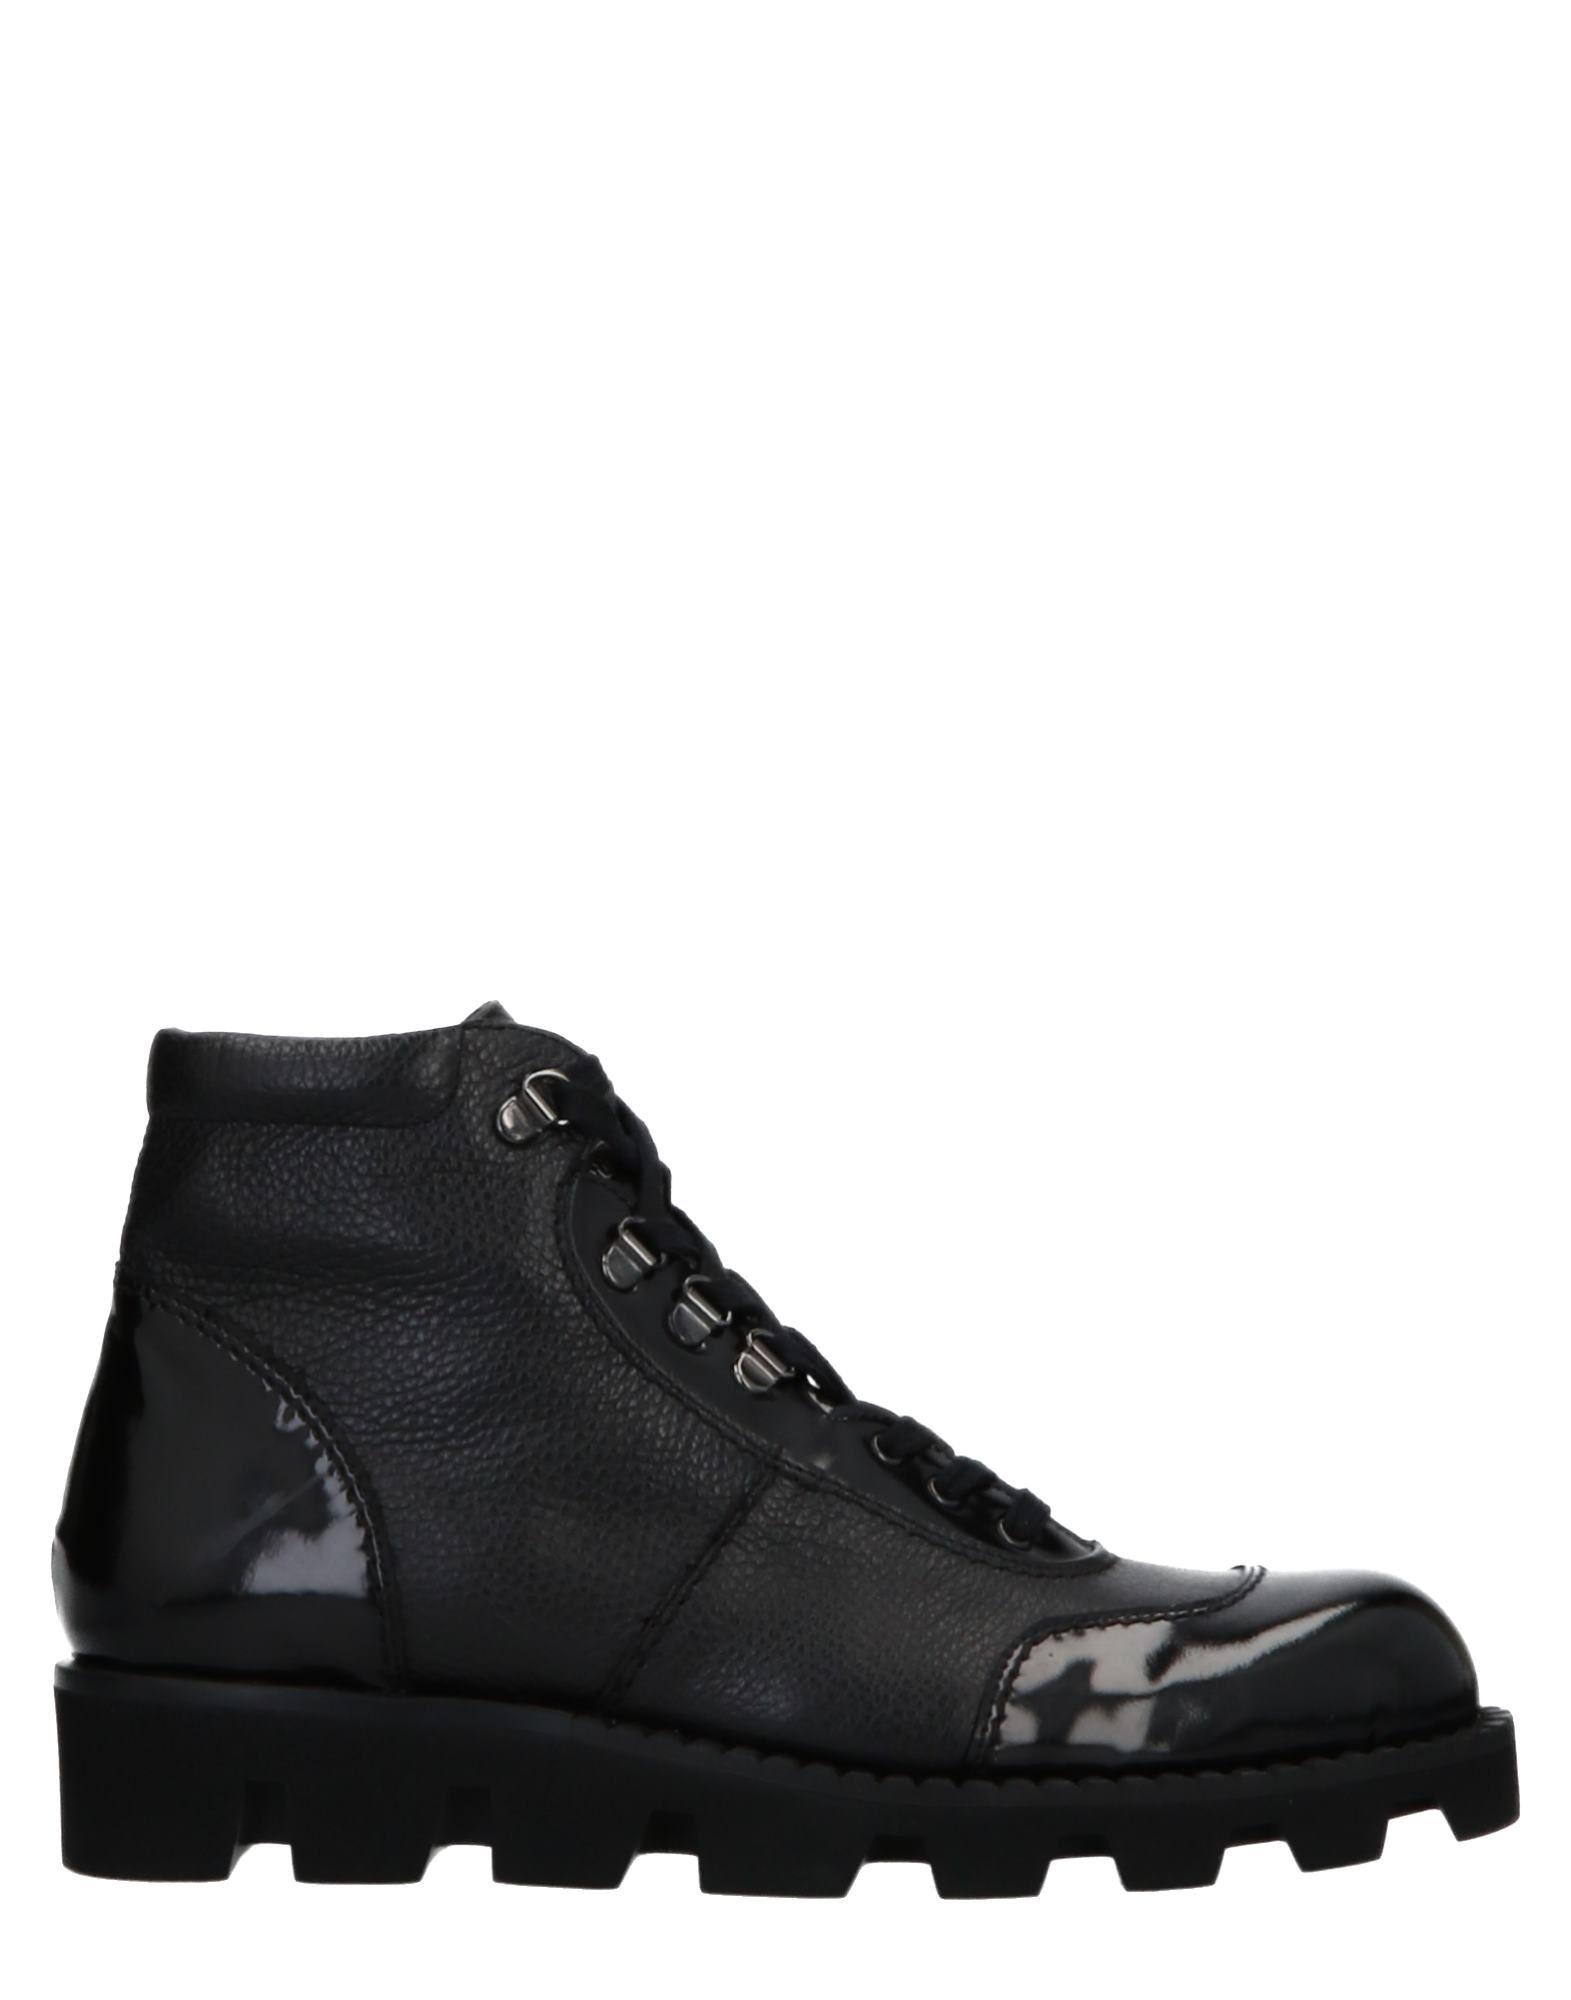 Roberto Botticelli Stiefelette Herren  11519567JN Gute Qualität beliebte Schuhe